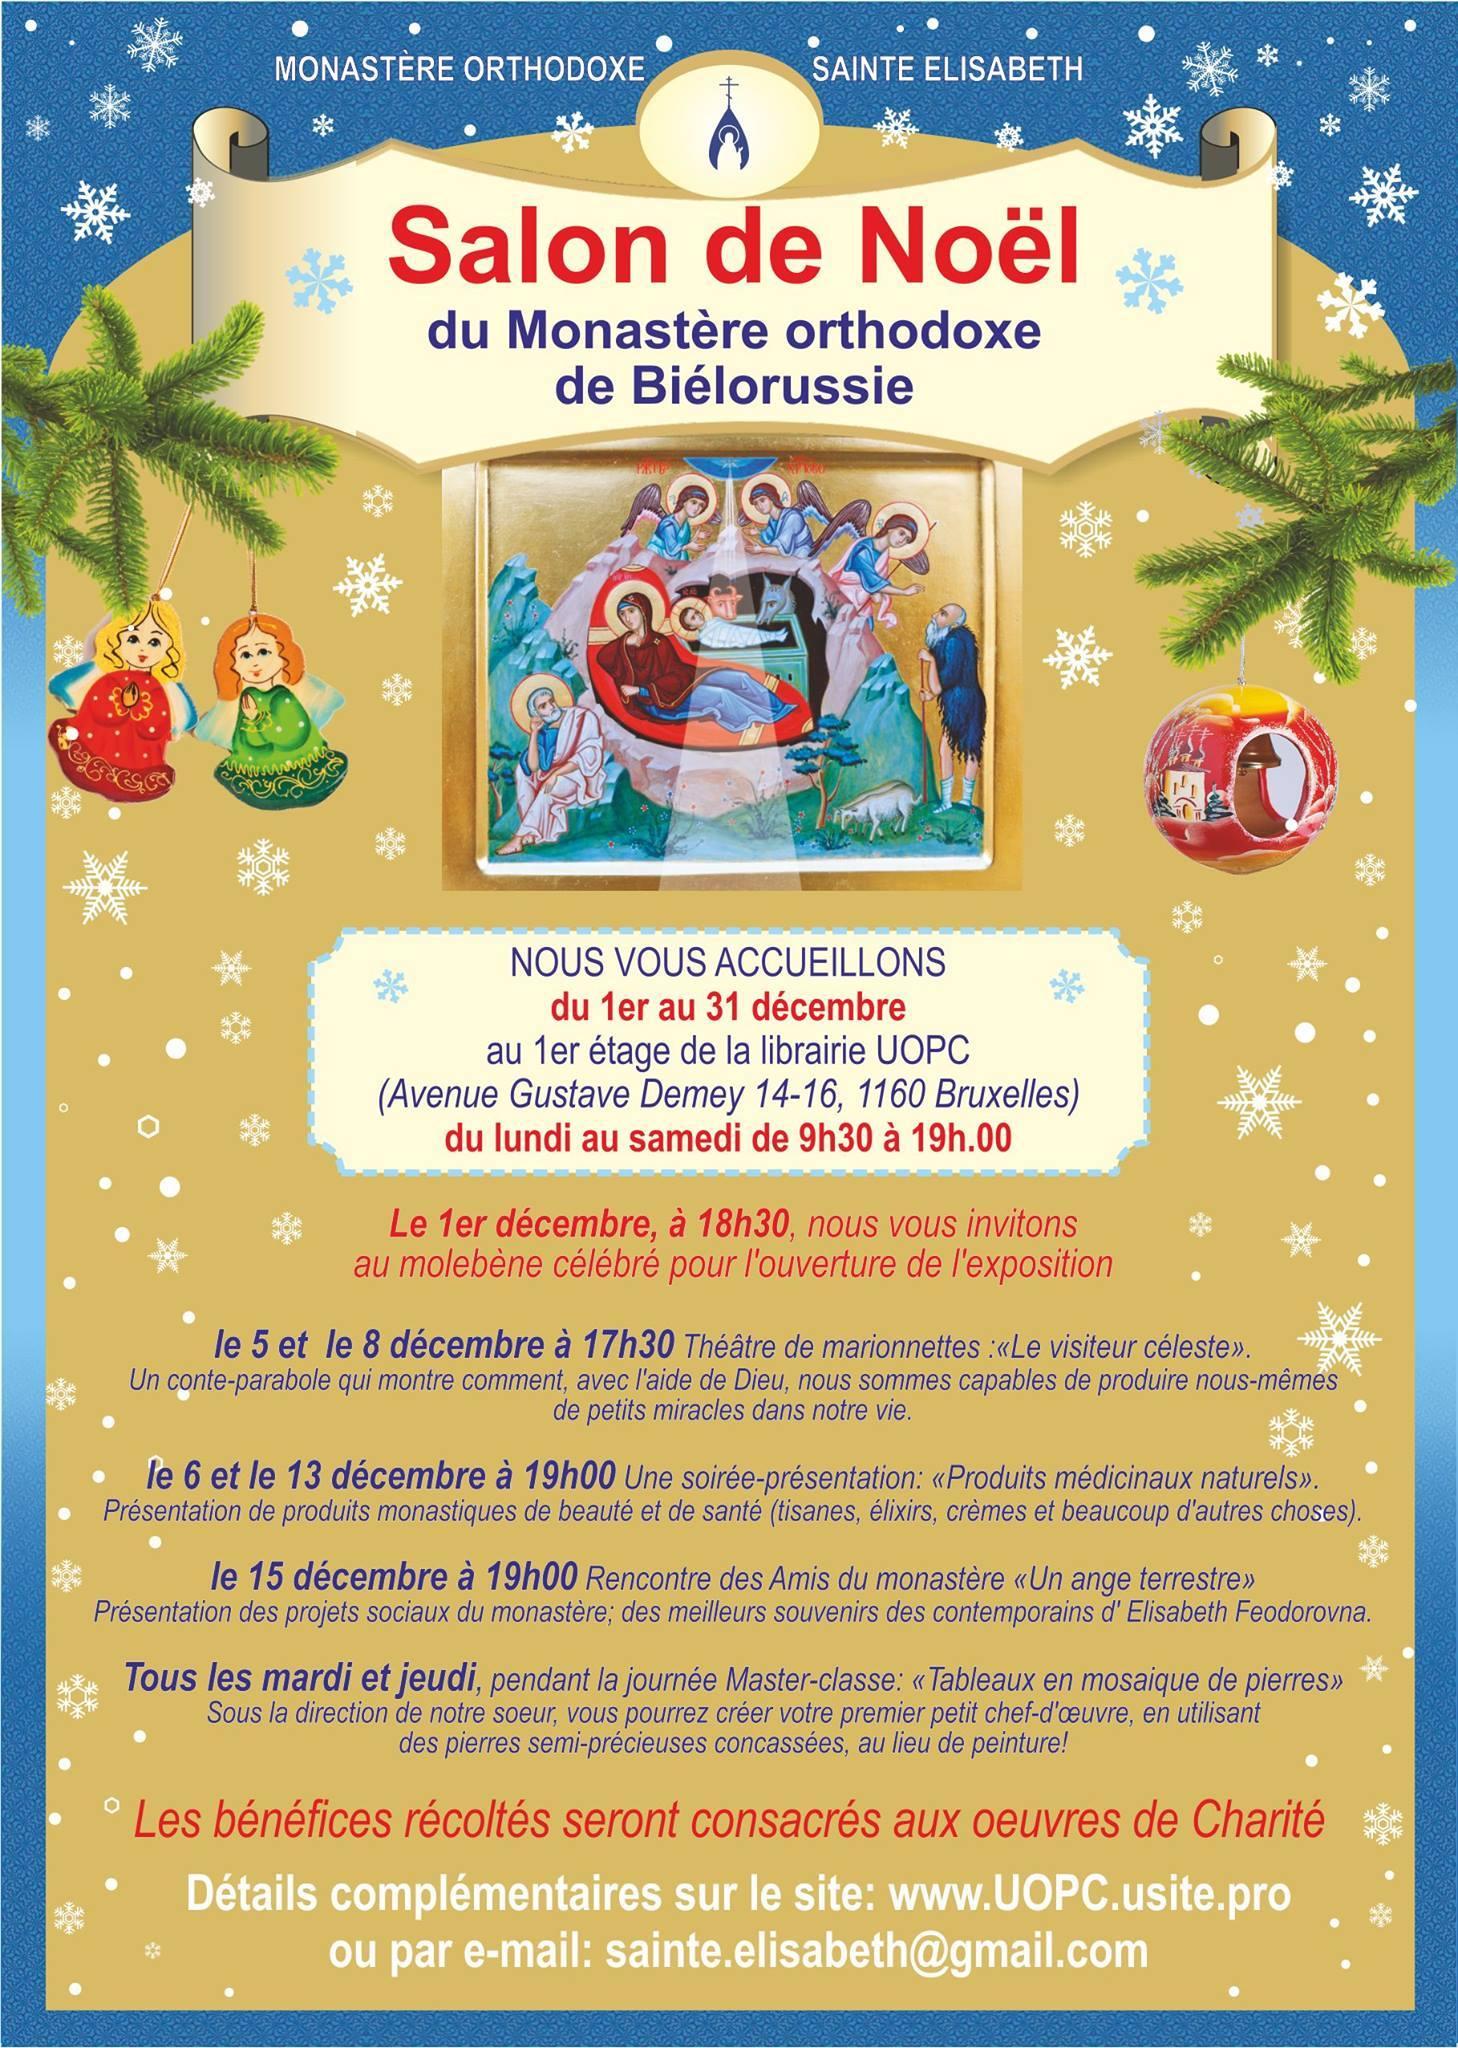 noel orthodoxe 2018 date Expo vente des Moniales orthodoxes du Monastère Sainte Elisabeth  noel orthodoxe 2018 date